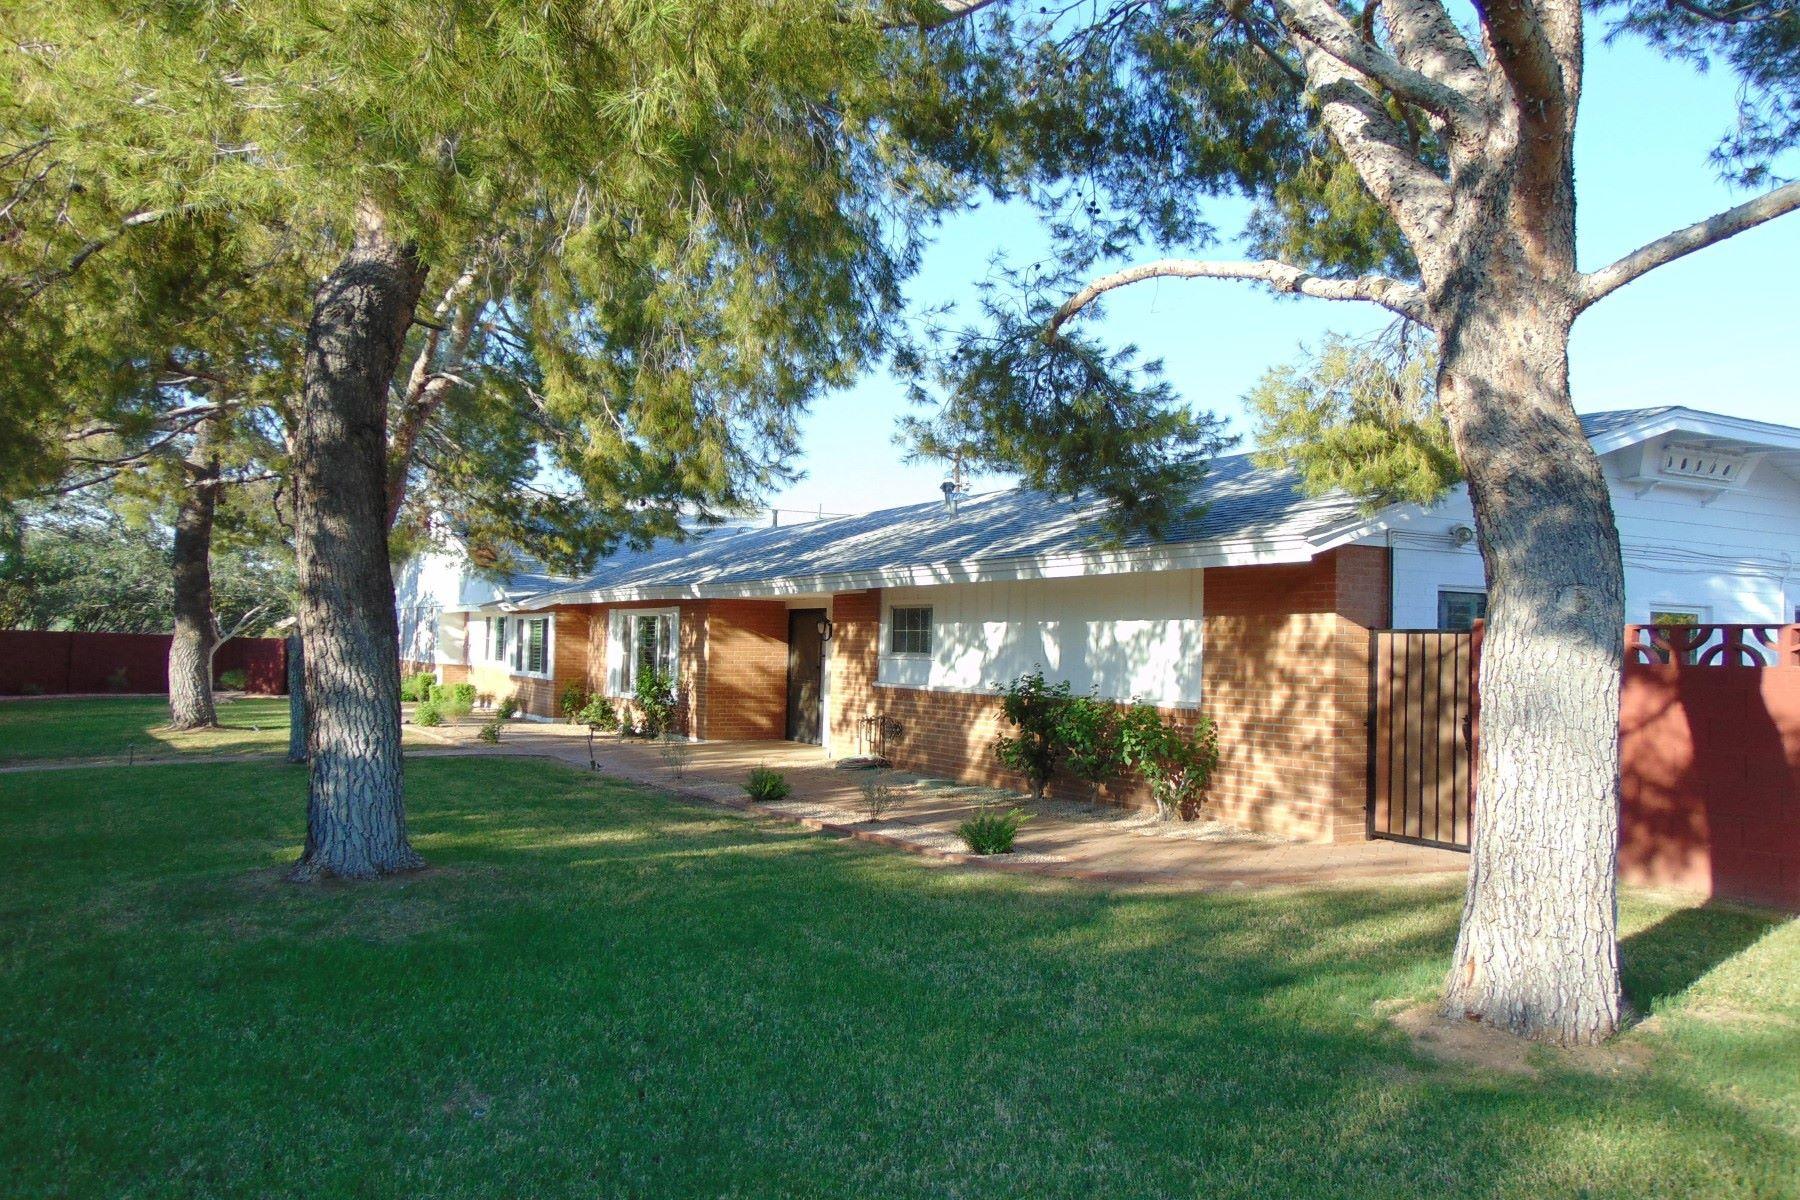 Maison unifamiliale pour l Vente à Beautifully remodeled home in Park Paradise 4350 E Vermont Ave Phoenix, Arizona, 85018 États-Unis